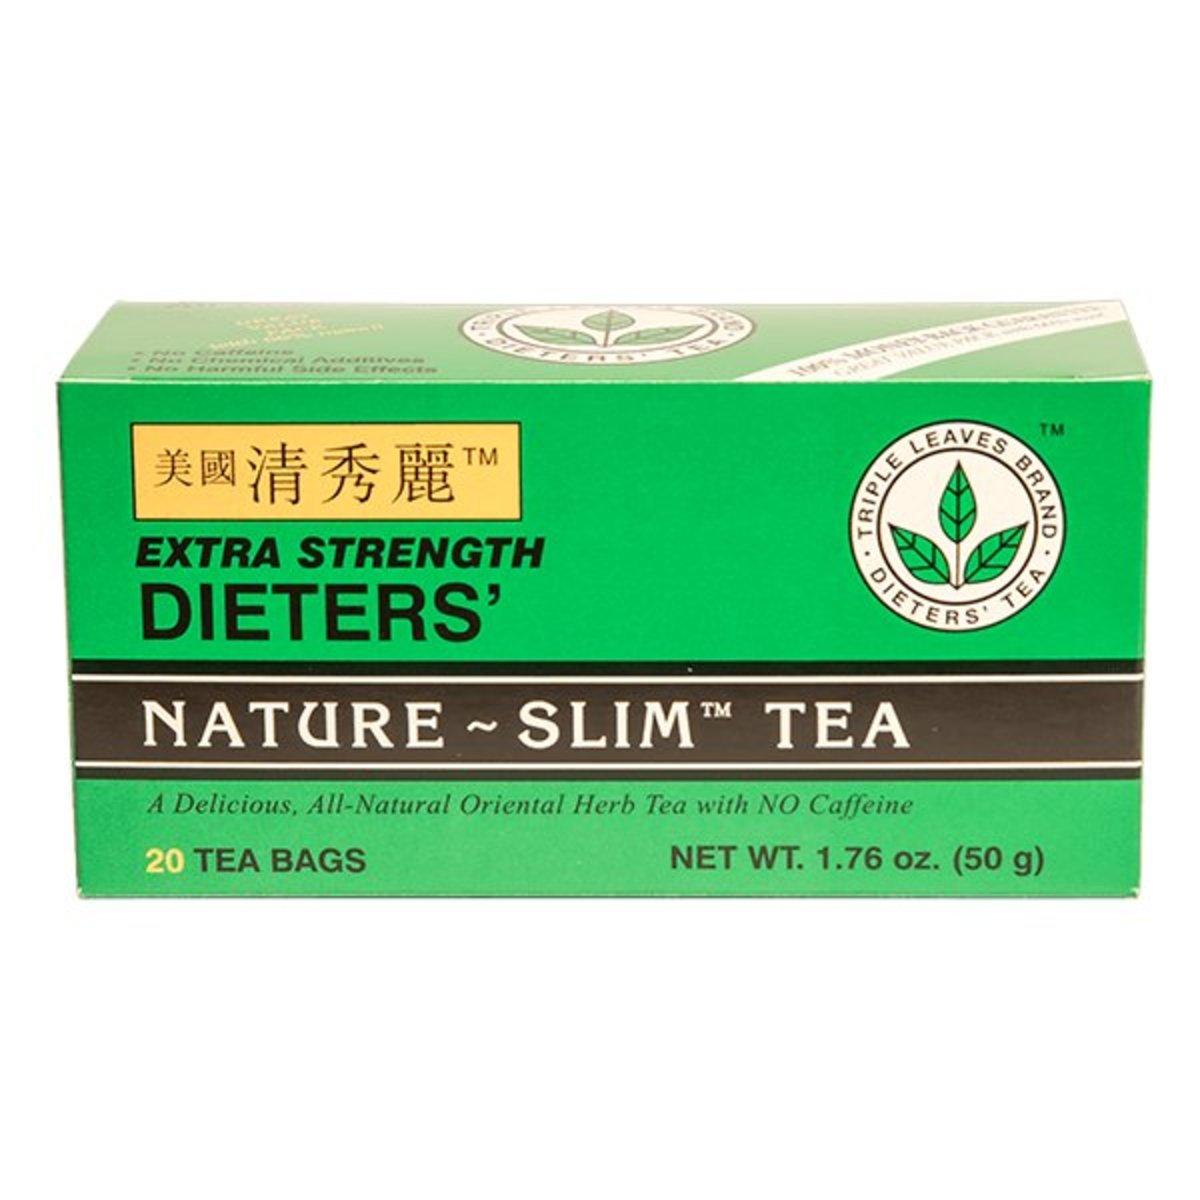 NATURE SLIM TEA DIET TEA (20 TEA BAGS)